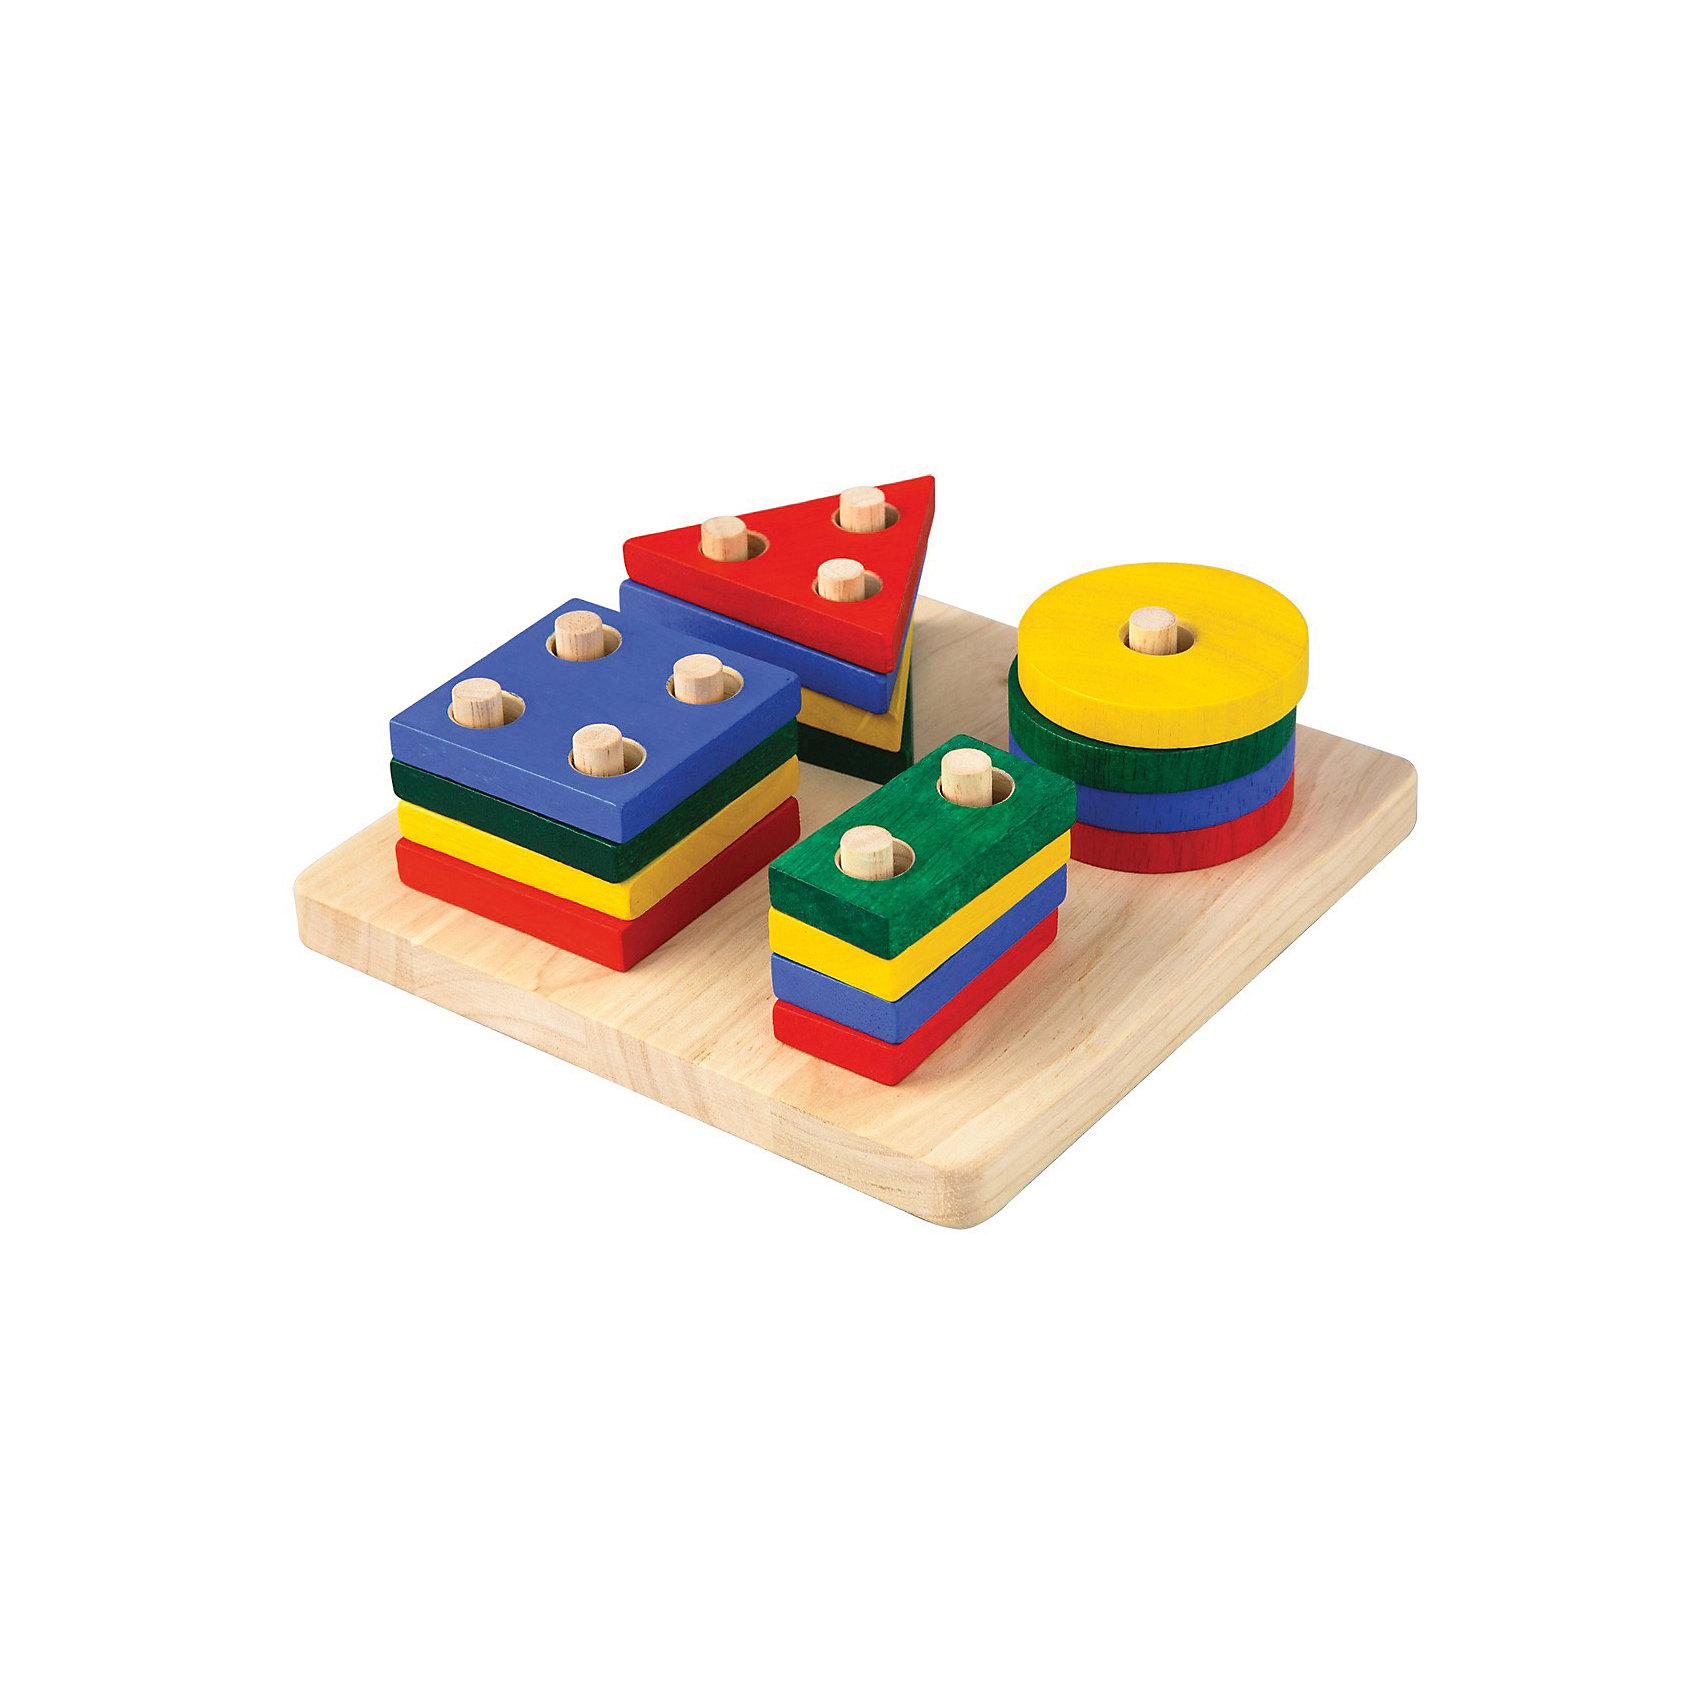 Сортер Доска с геометрическими фигурами, Plan ToysСортеры<br>Деревянный сортер от Plan Toys - это увлекательная игра для Вашего малыша, которая будет развивать полезные навыки. В комплект входит деревянная доска с 10 колышками и 16 разноцветных деталей. <br>Задача игры – разложить все фигурки на доске, ориентируясь на количество отверстий в деталях.<br>Игрушка изготовлена из натурального каучукового дерева с использованием нетоксичных красок.<br><br>Дополнительная информация:<br><br>-Материал: дерево<br>-Вес: 0.75 кг<br>-Размер упаковки: 18.8 x 7.5 x 18.8 см<br><br>Сортер Доска с геометрическими фигурами, Plan Toys можно купить в нашем интернет-магазине.<br><br>Ширина мм: 175<br>Глубина мм: 175<br>Высота мм: 6<br>Вес г: 400<br>Возраст от месяцев: 24<br>Возраст до месяцев: 1188<br>Пол: Унисекс<br>Возраст: Детский<br>SKU: 4862350